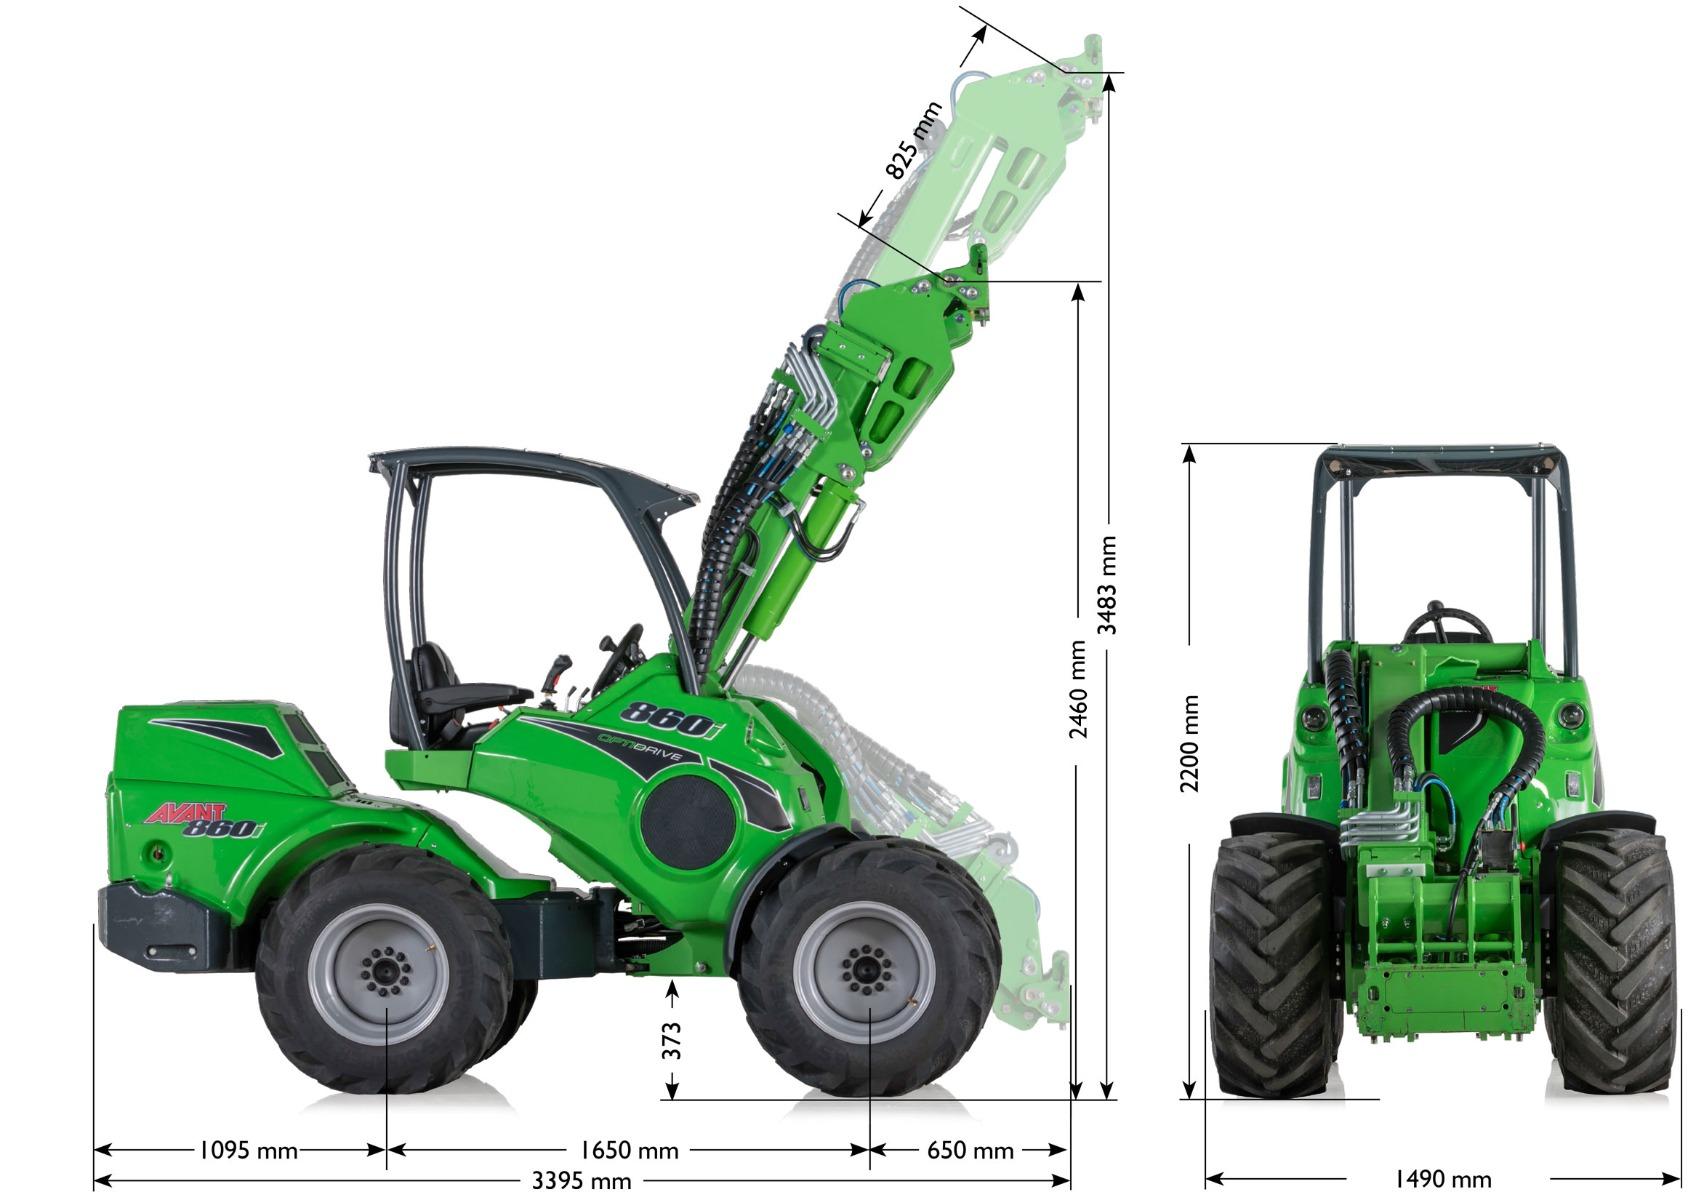 800 serien og dens størrelse, bredde og generelle dimensioner